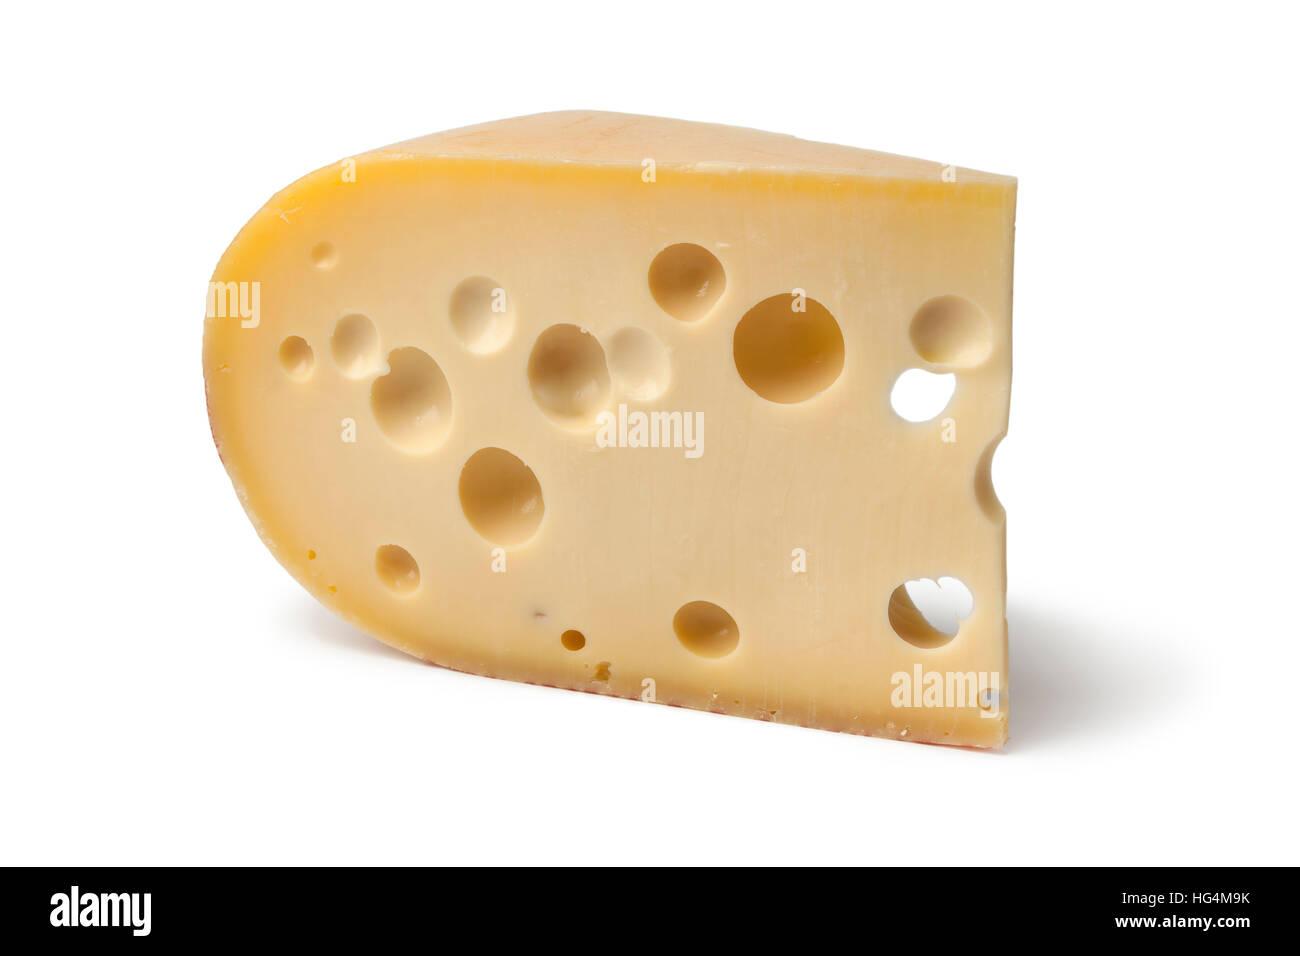 Morceau de fromage emmenthaler sur fond blanc Photo Stock